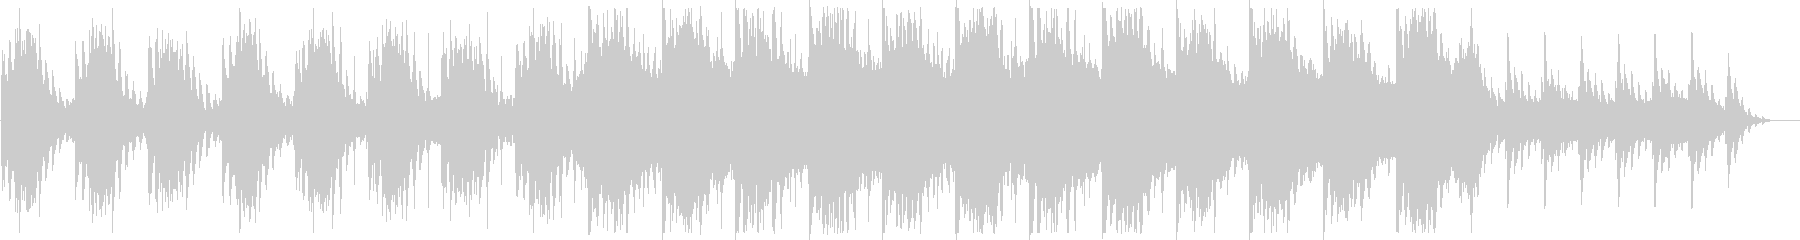 幻想的でダークなBGM ショートの未再生の波形